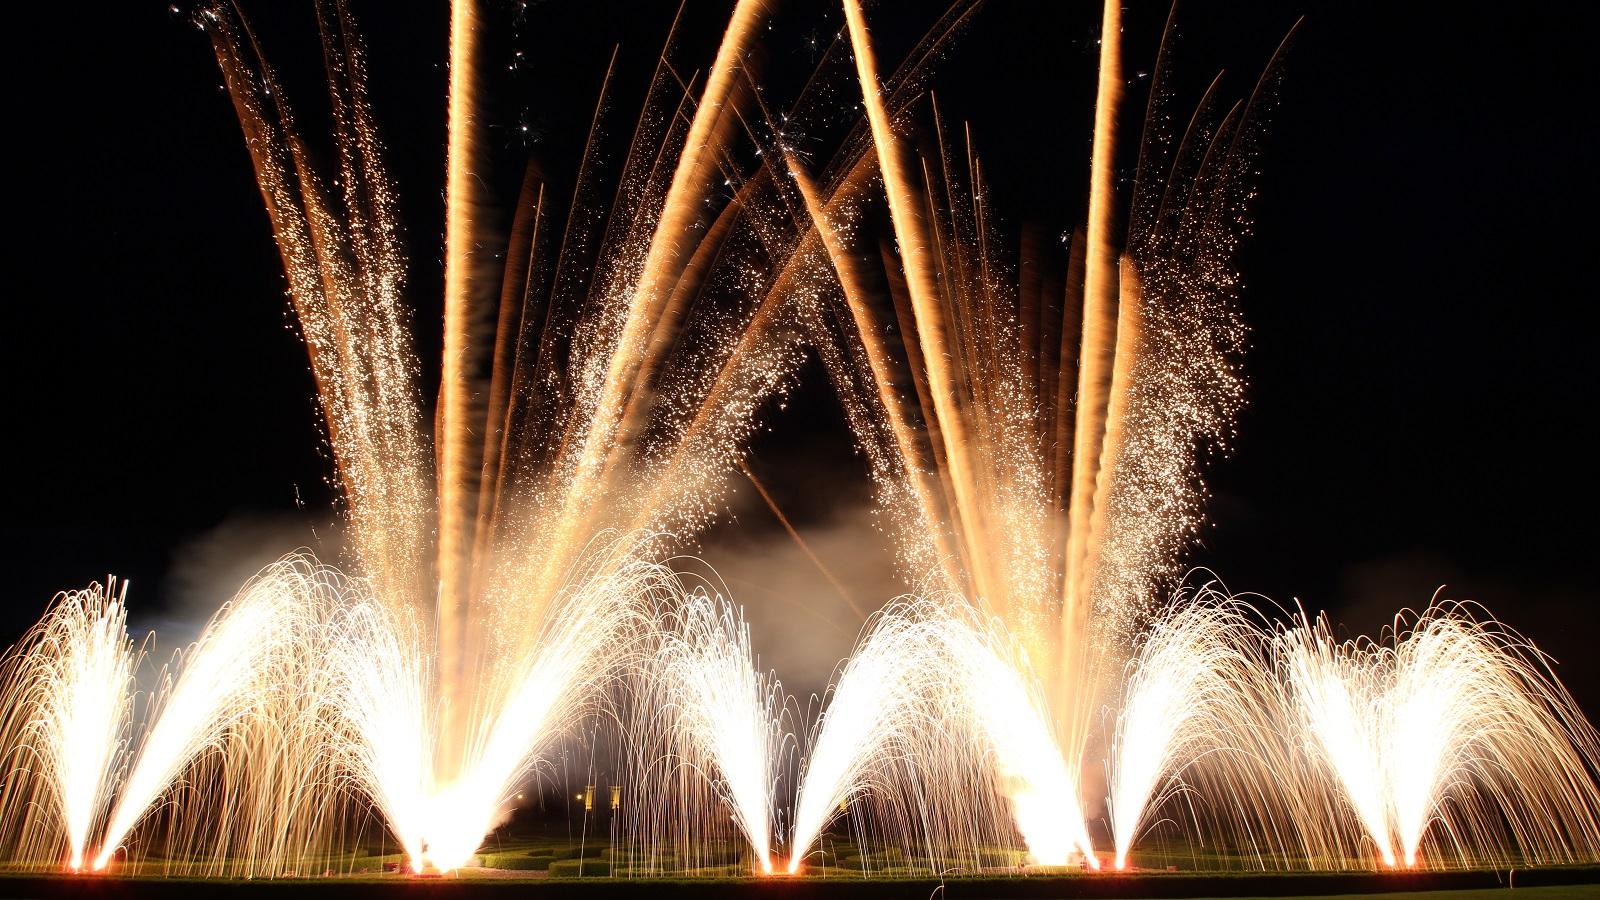 Feuerbändiger Feuerwerk Feuerwerke Big Picture Silvesterfeuerwerk Top Position white gold 1